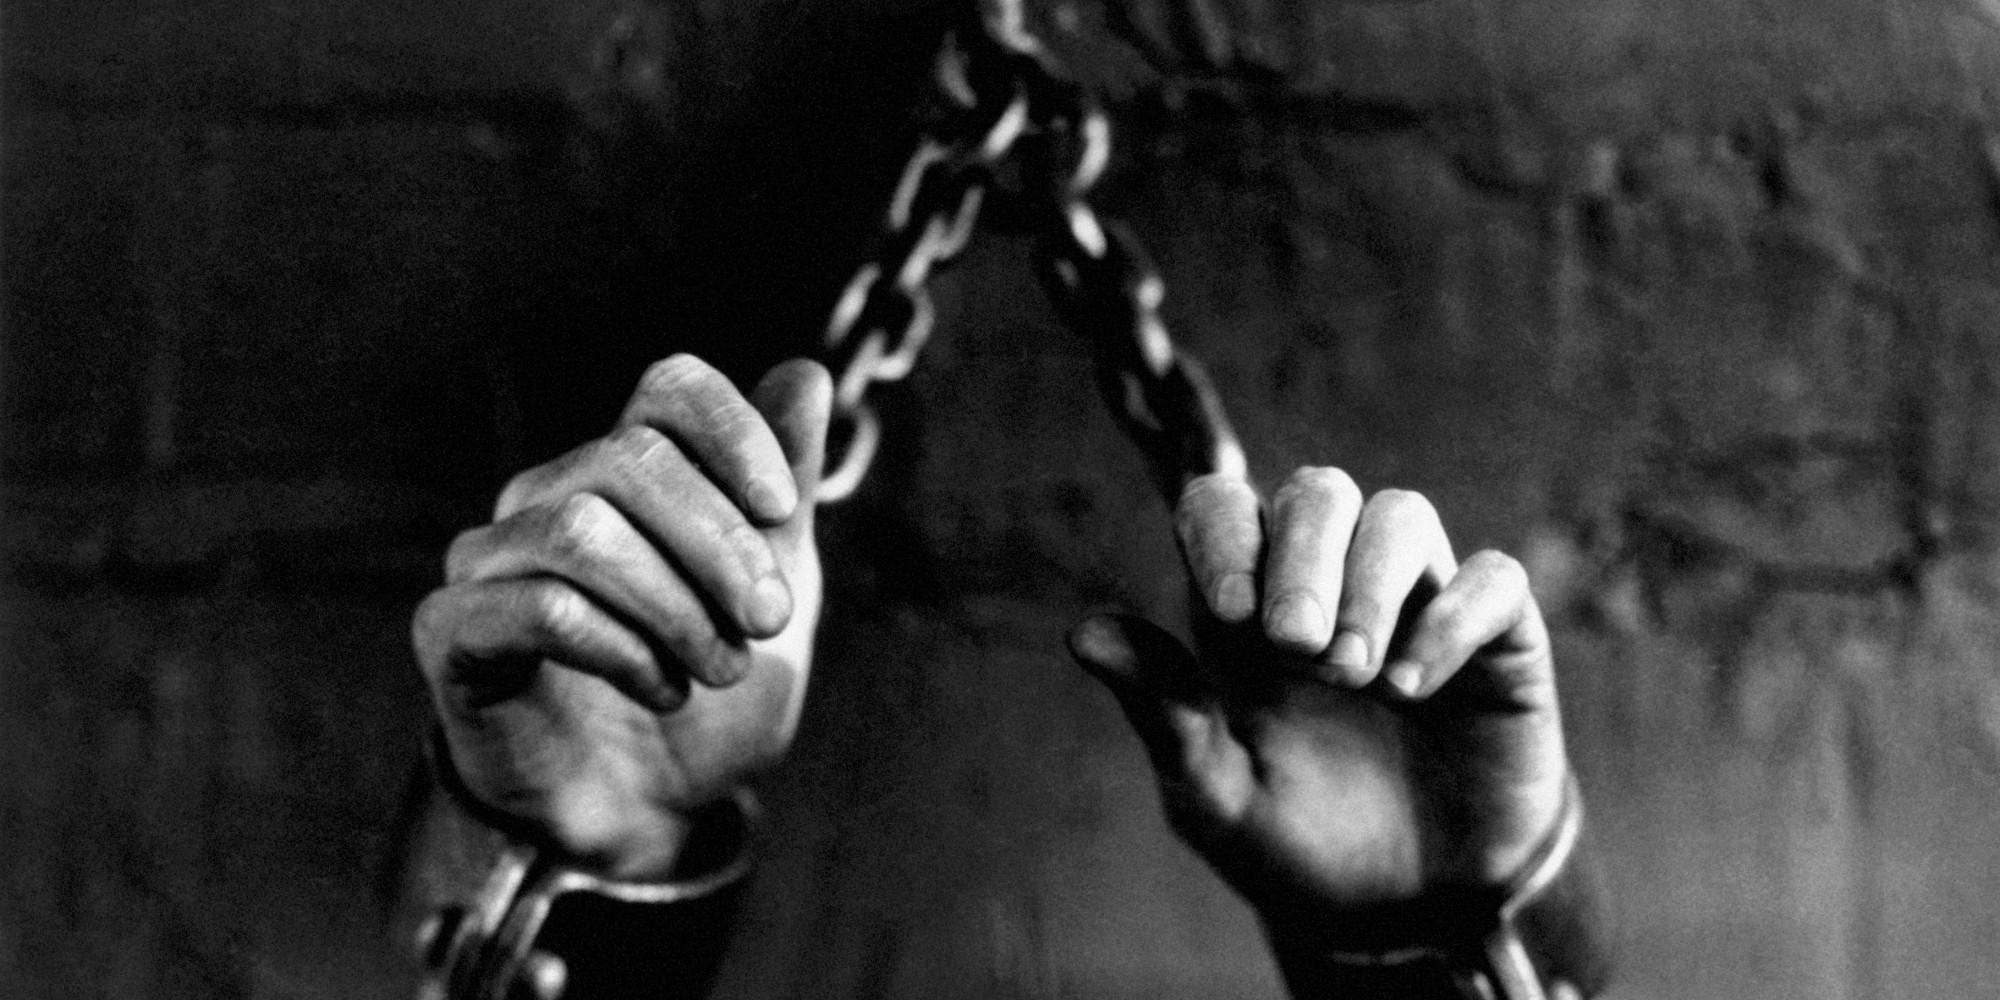 chlewa, zwłokom, gej, seksualną niewolnicą, spermą, i, żony męża brzuchem udusiła